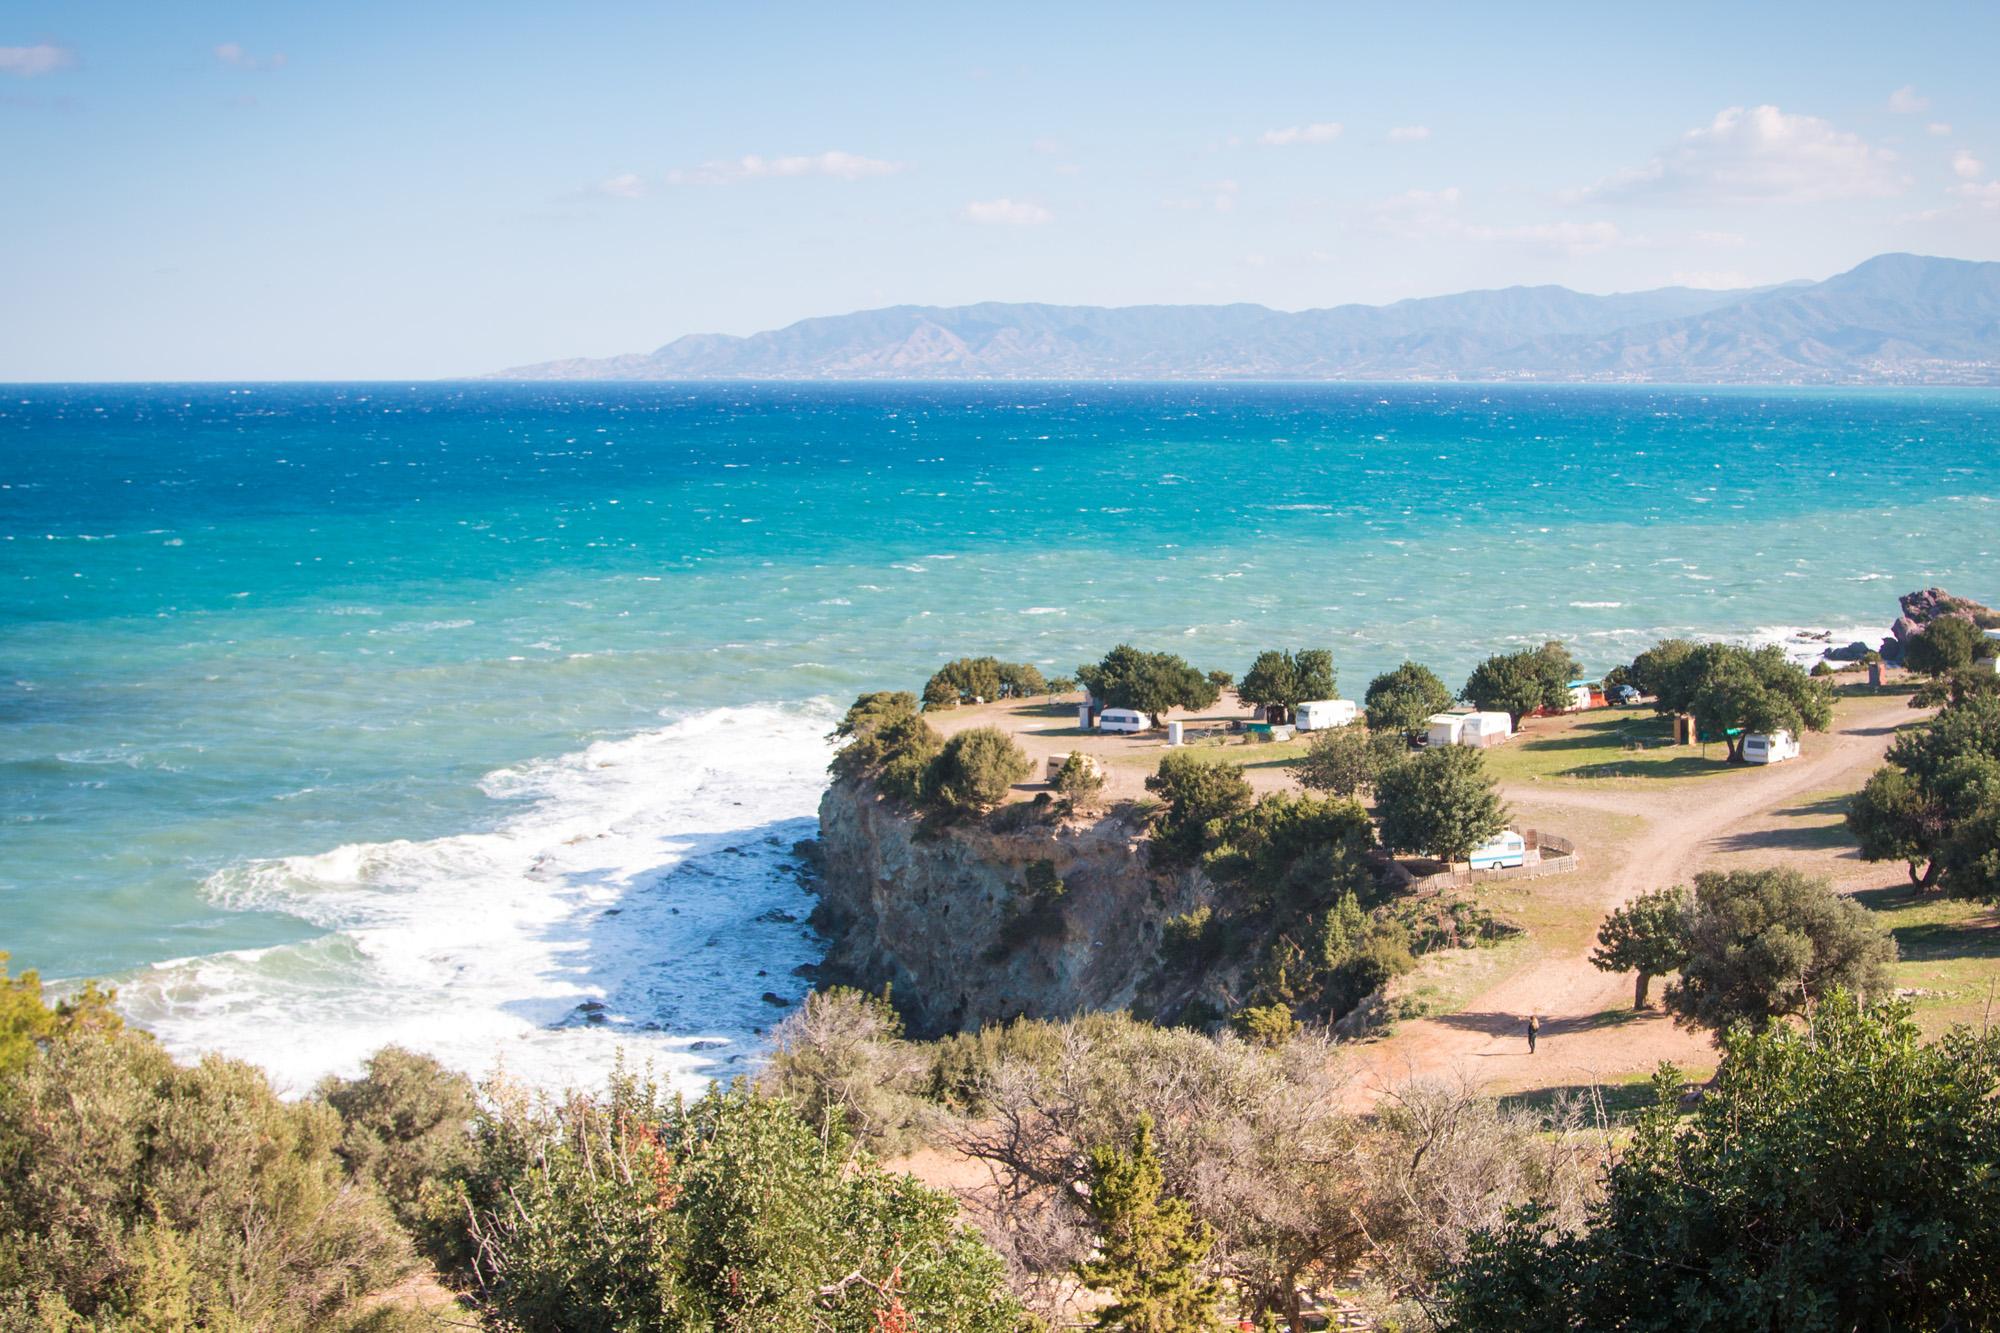 Szlaki turystyczne cypr akamas